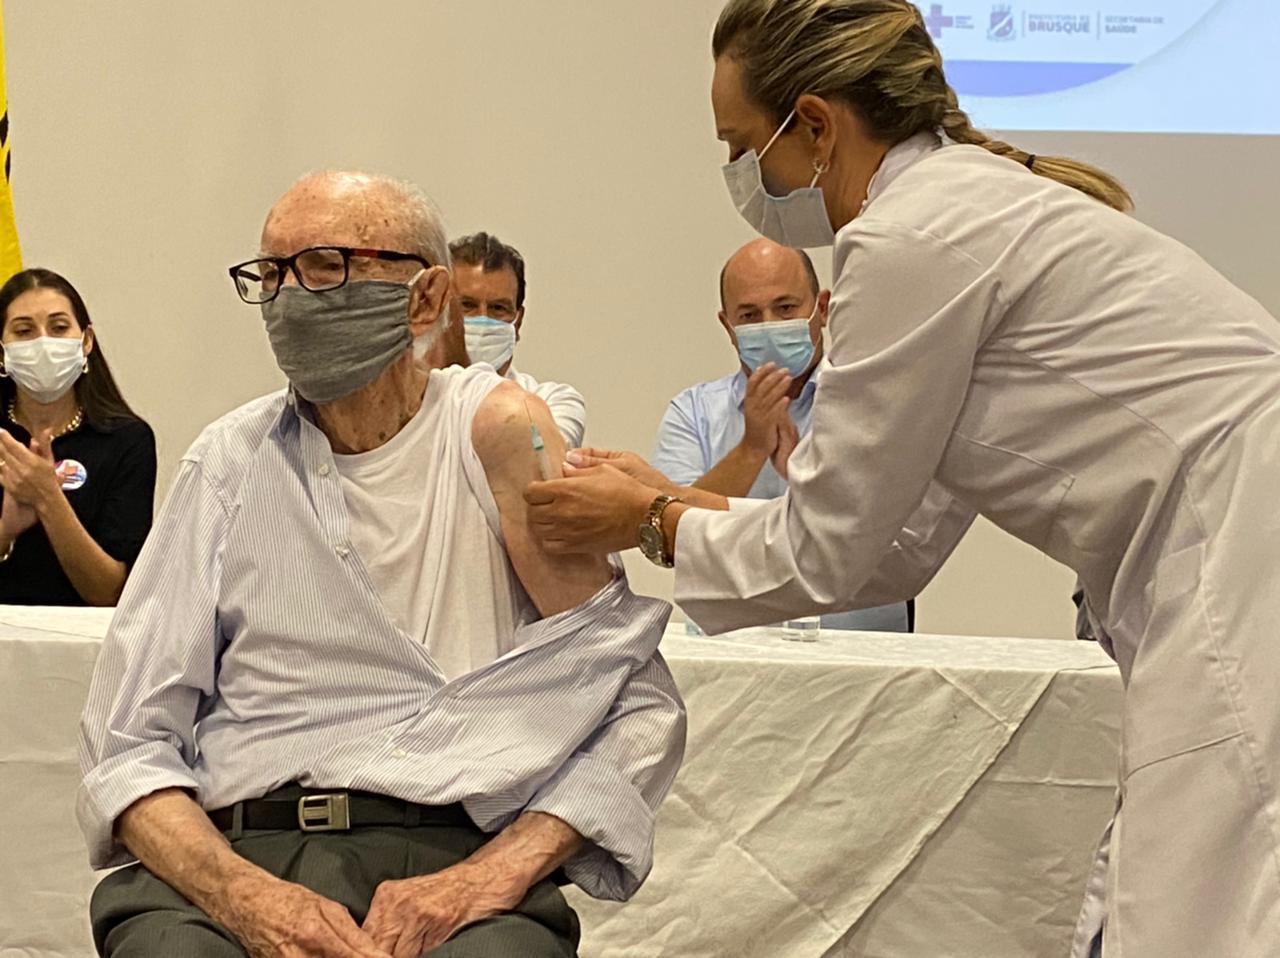 Iniciada campanha de vacinação contra Covid-19 em Brusque